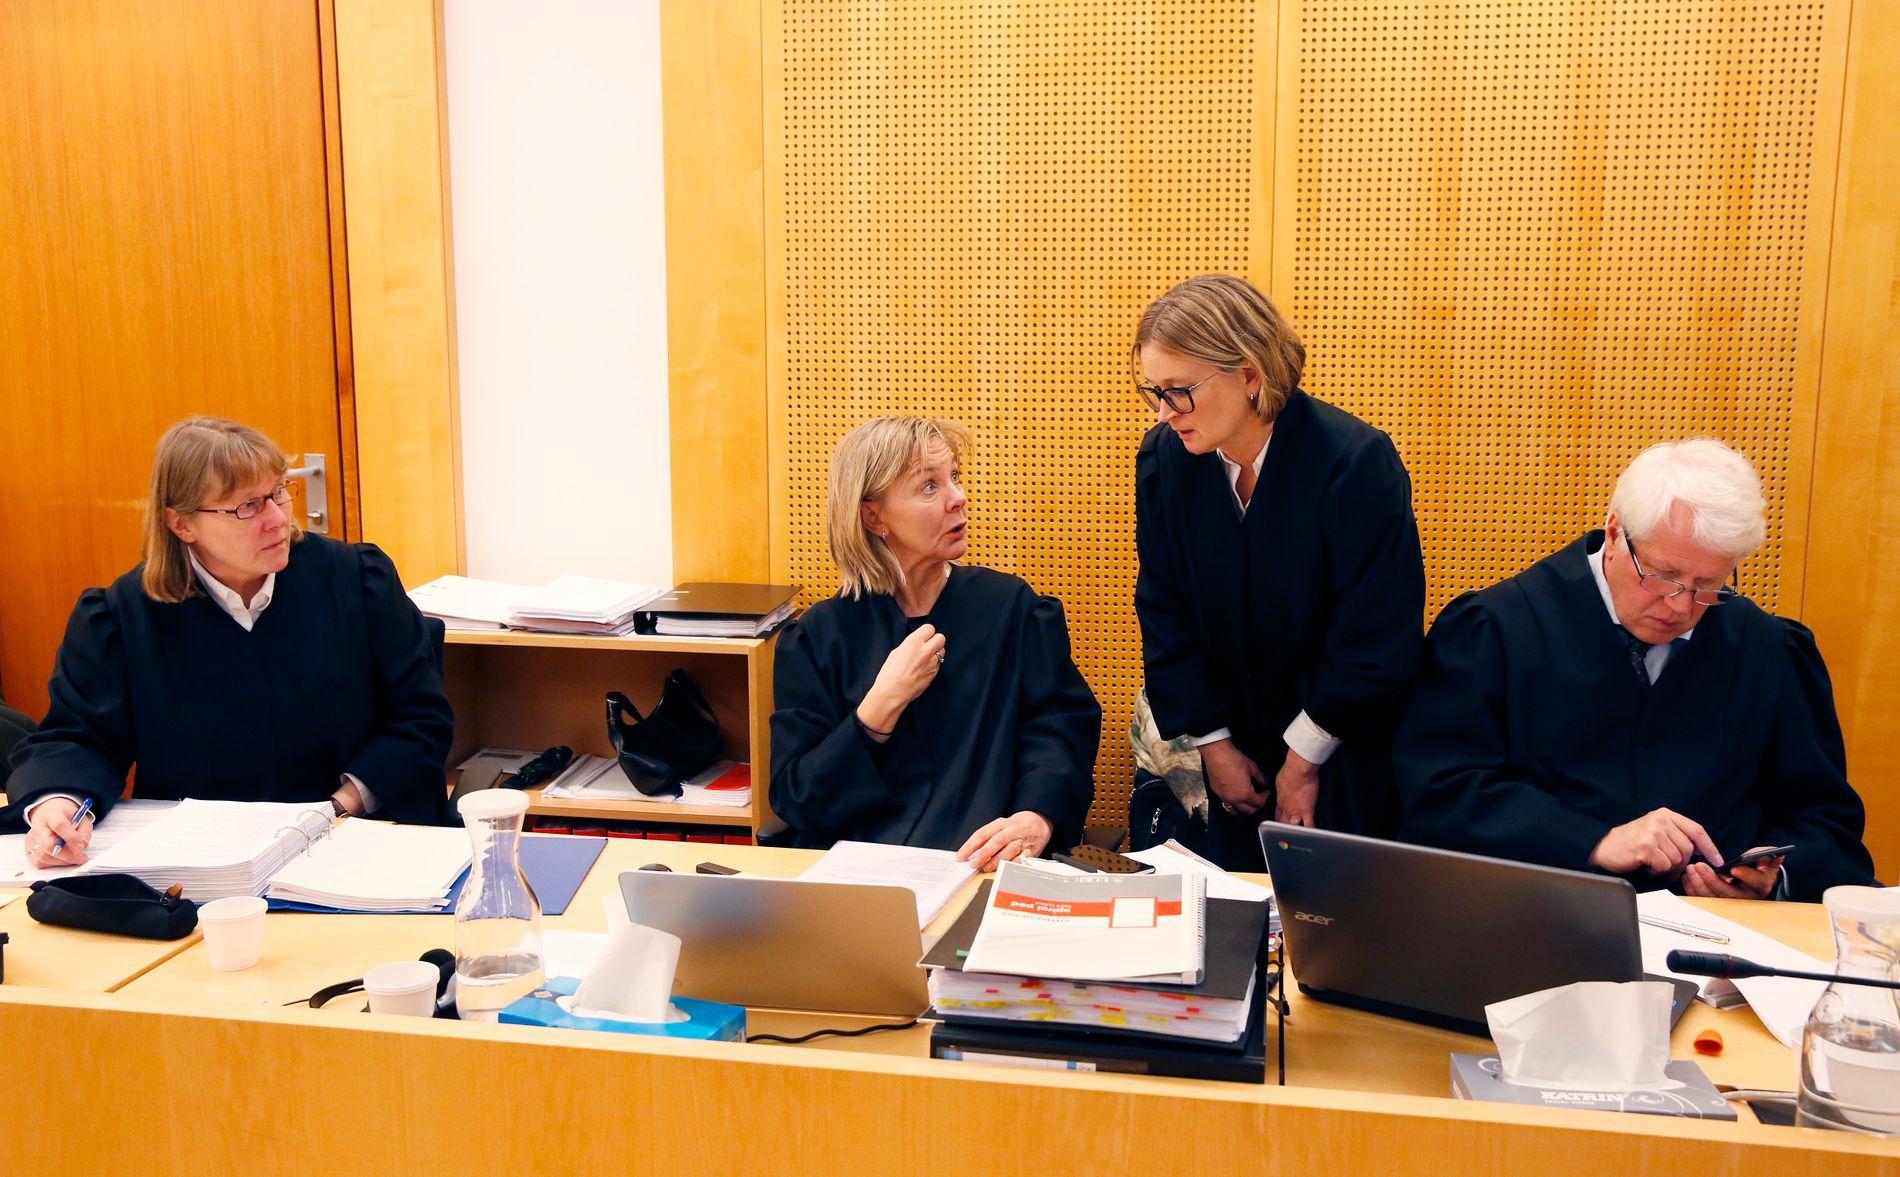 OMFATTENDE SAK: To 20 år gamle menn fra Oslo var i Oslo tingrett tiltalt for flere voldtekter tilbake i tid. I sal 327 forklarte de seg i slutten av november. På motsatt side av rommet sitter aktor Torunn Gran sammen med bistandsadvokatene til tre av de fornærmede: Gunhild Bergan, Ann Cathrin Egeberg og Tom Erik Medalen.